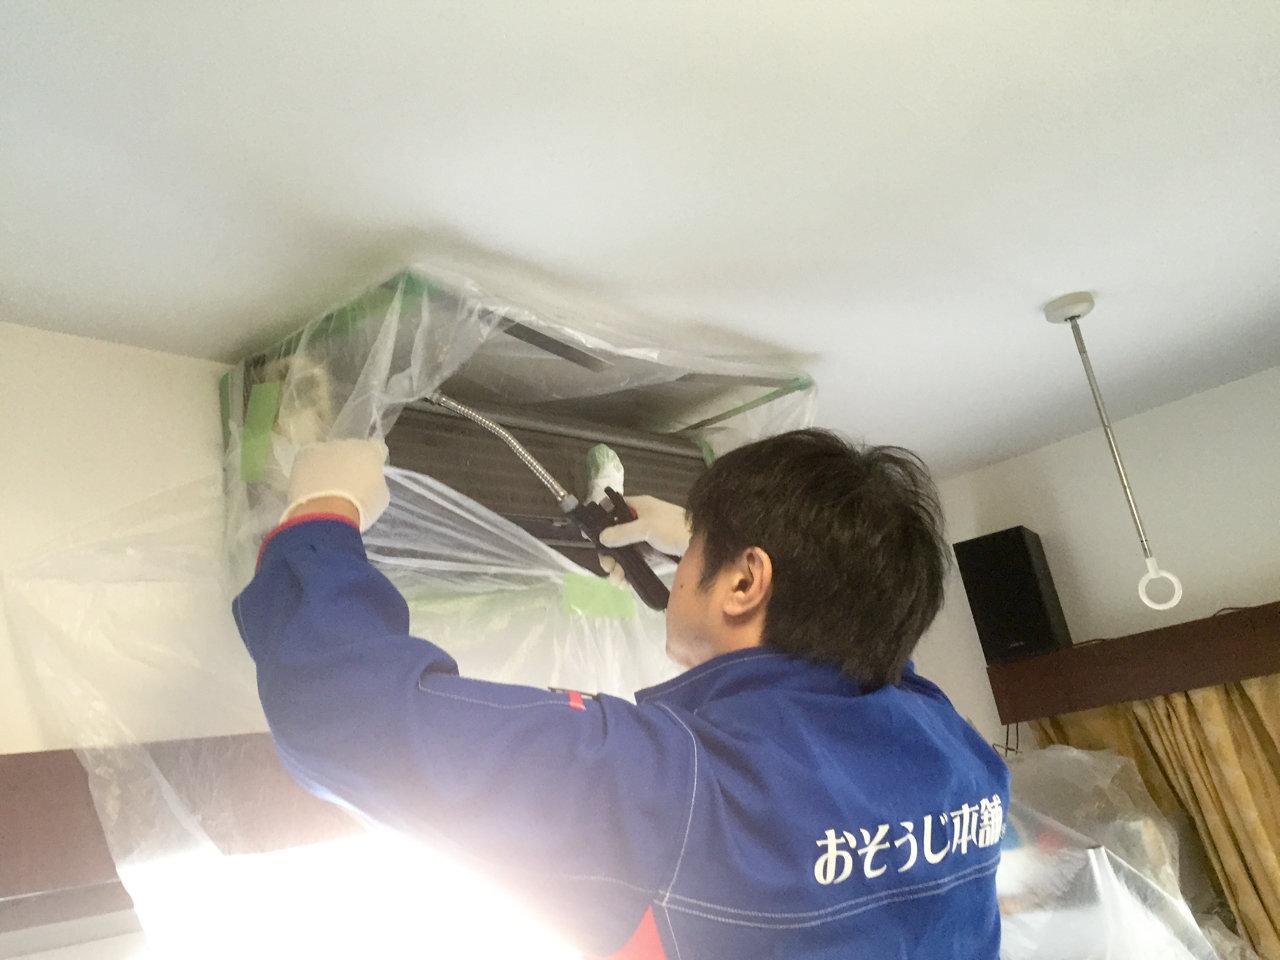 春なのでエアコンと換気扇の掃除をプロに頼んでみた